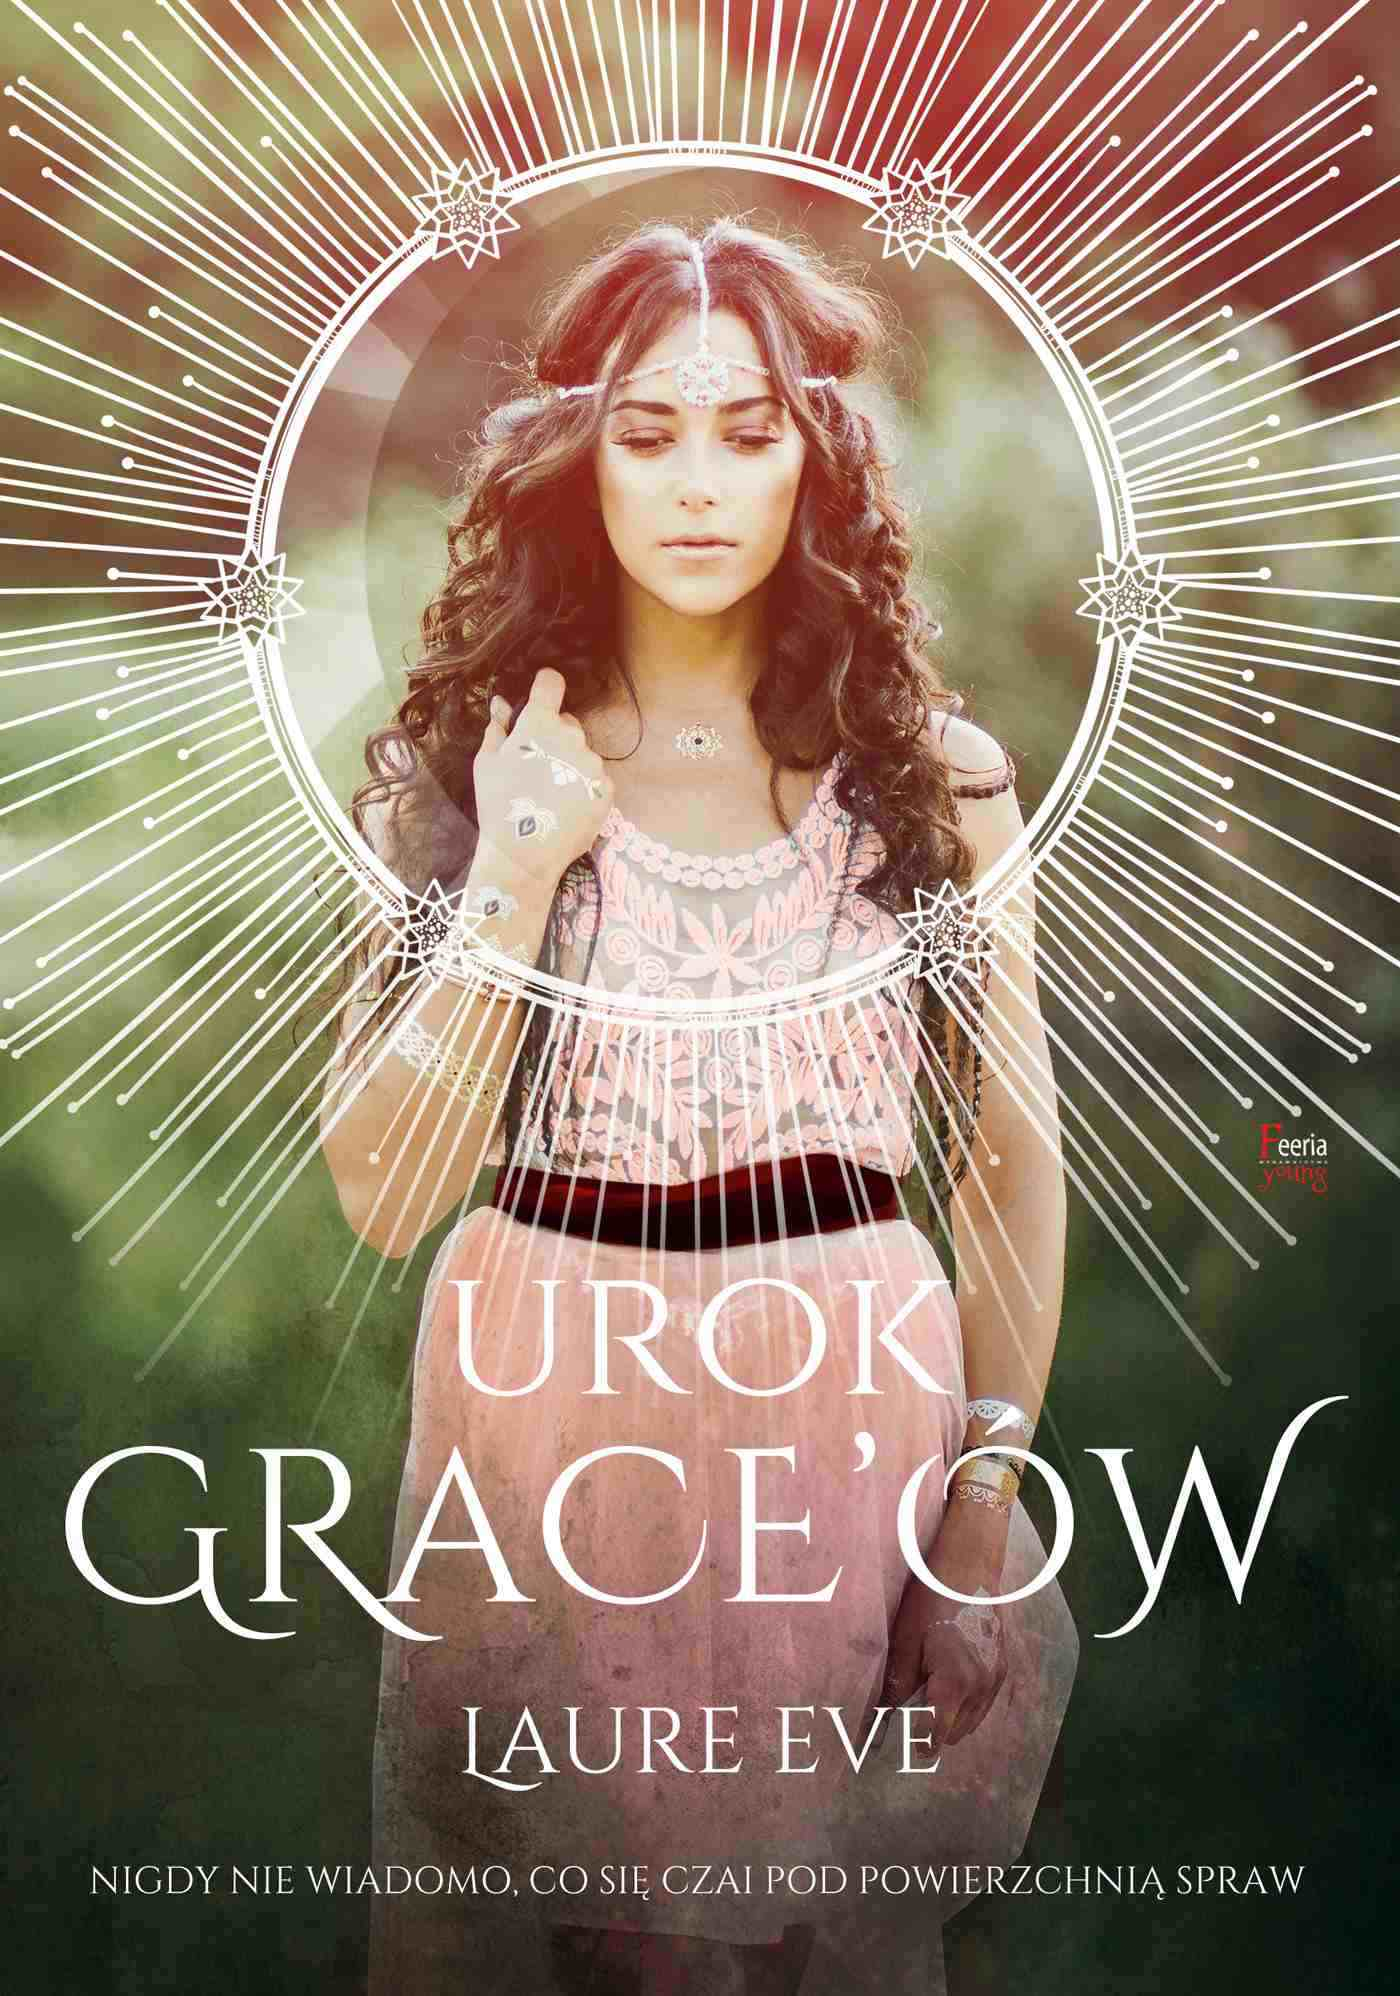 Urok Grace'ów - Ebook (Książka EPUB) do pobrania w formacie EPUB